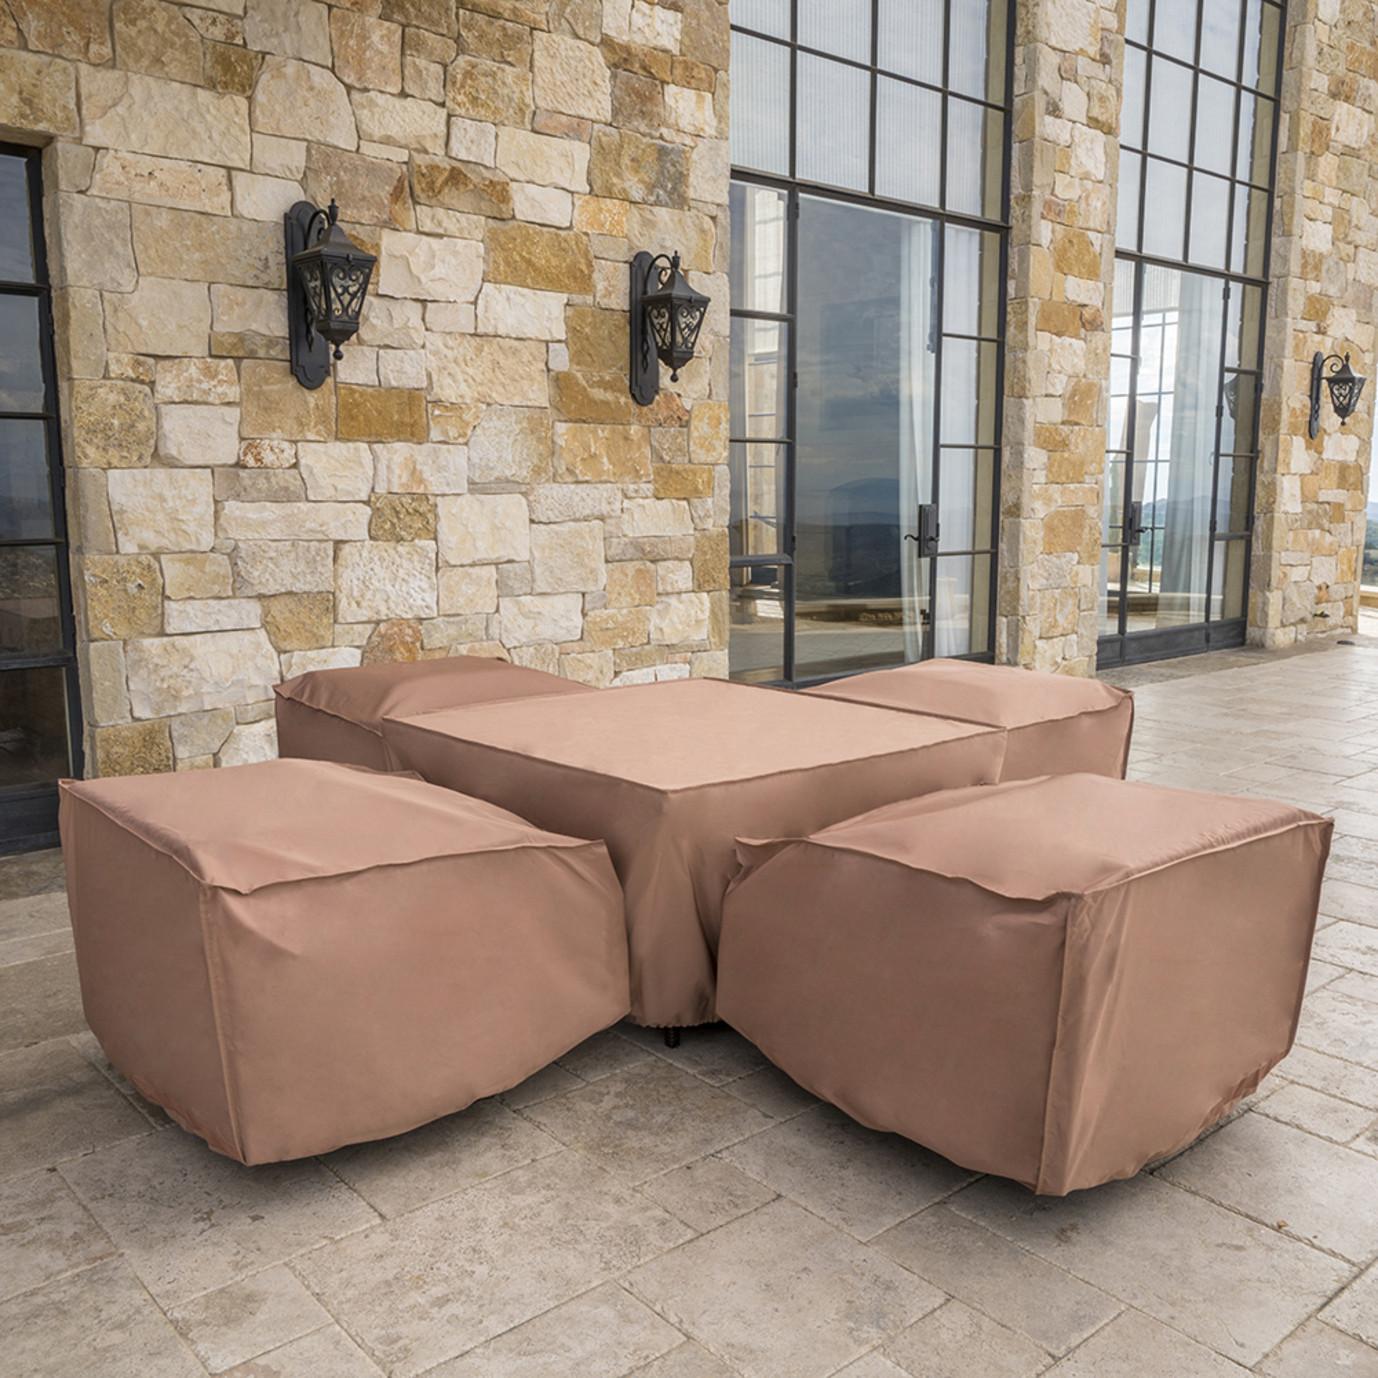 Portofino® 5pc Fire Chat Set Furniture Covers